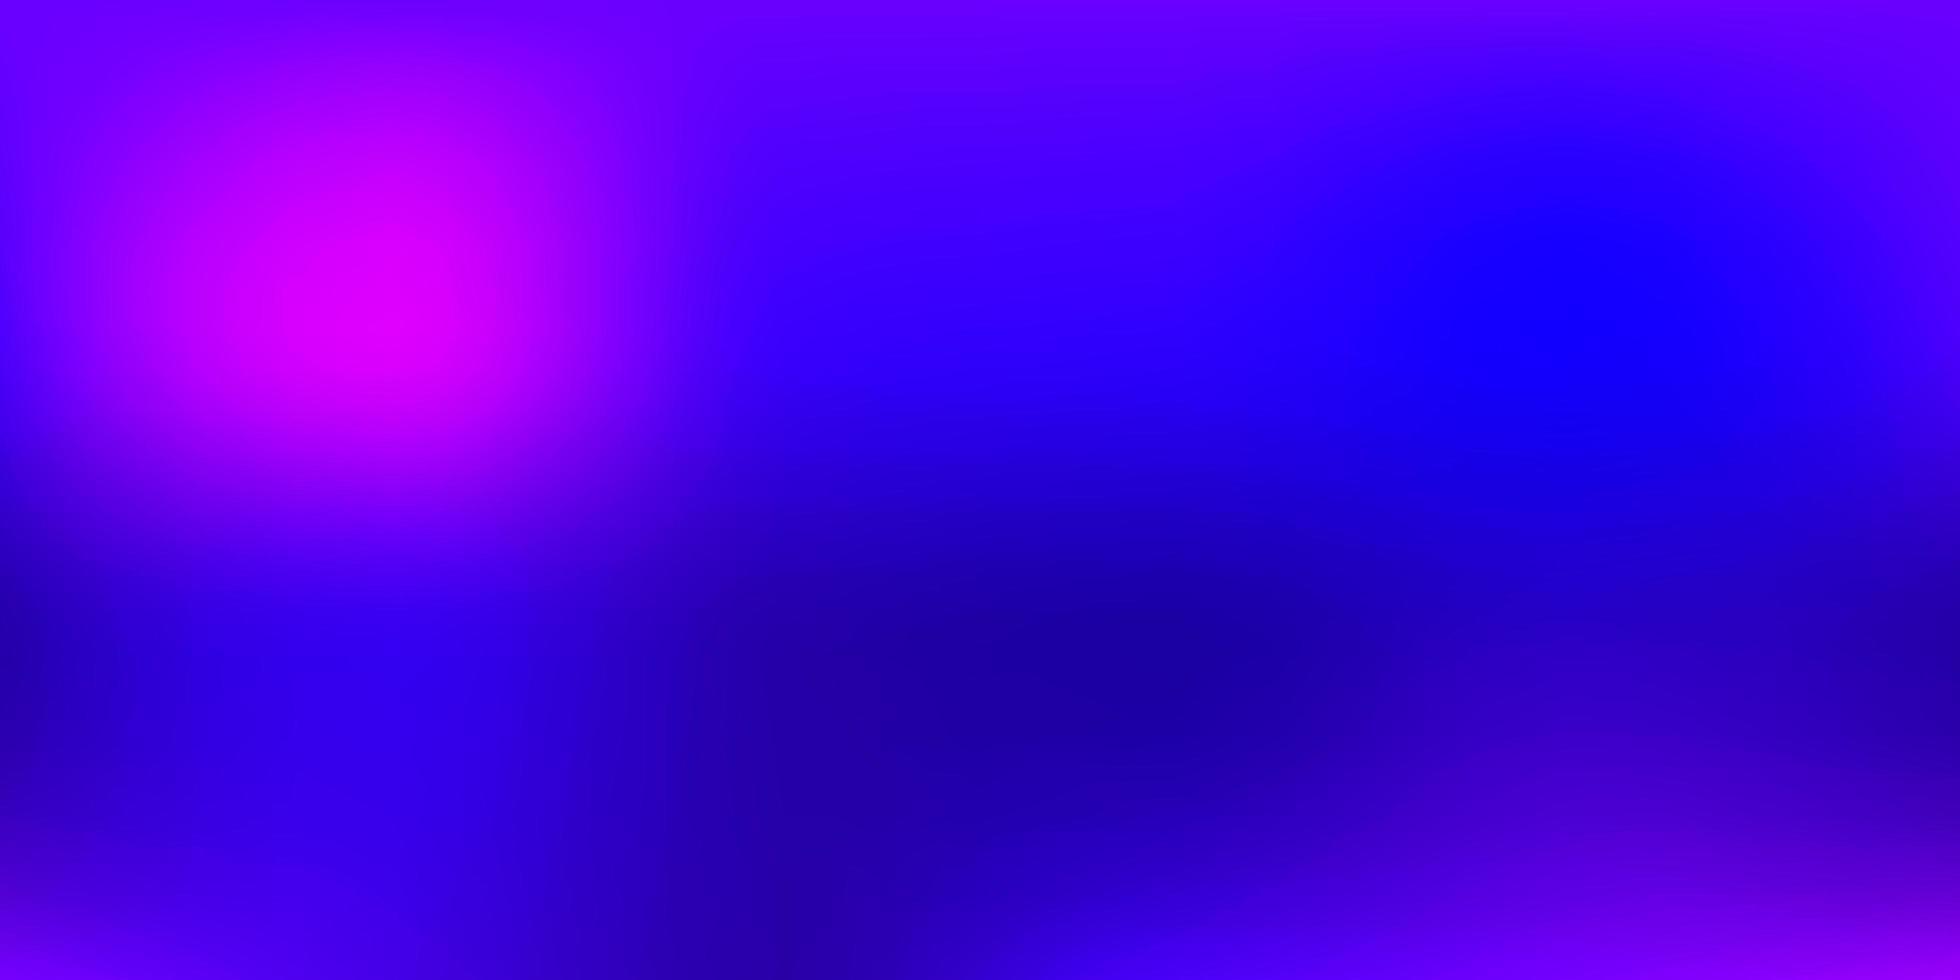 dunkelvioletter Vektorverlauf verwischt Hintergrund. vektor